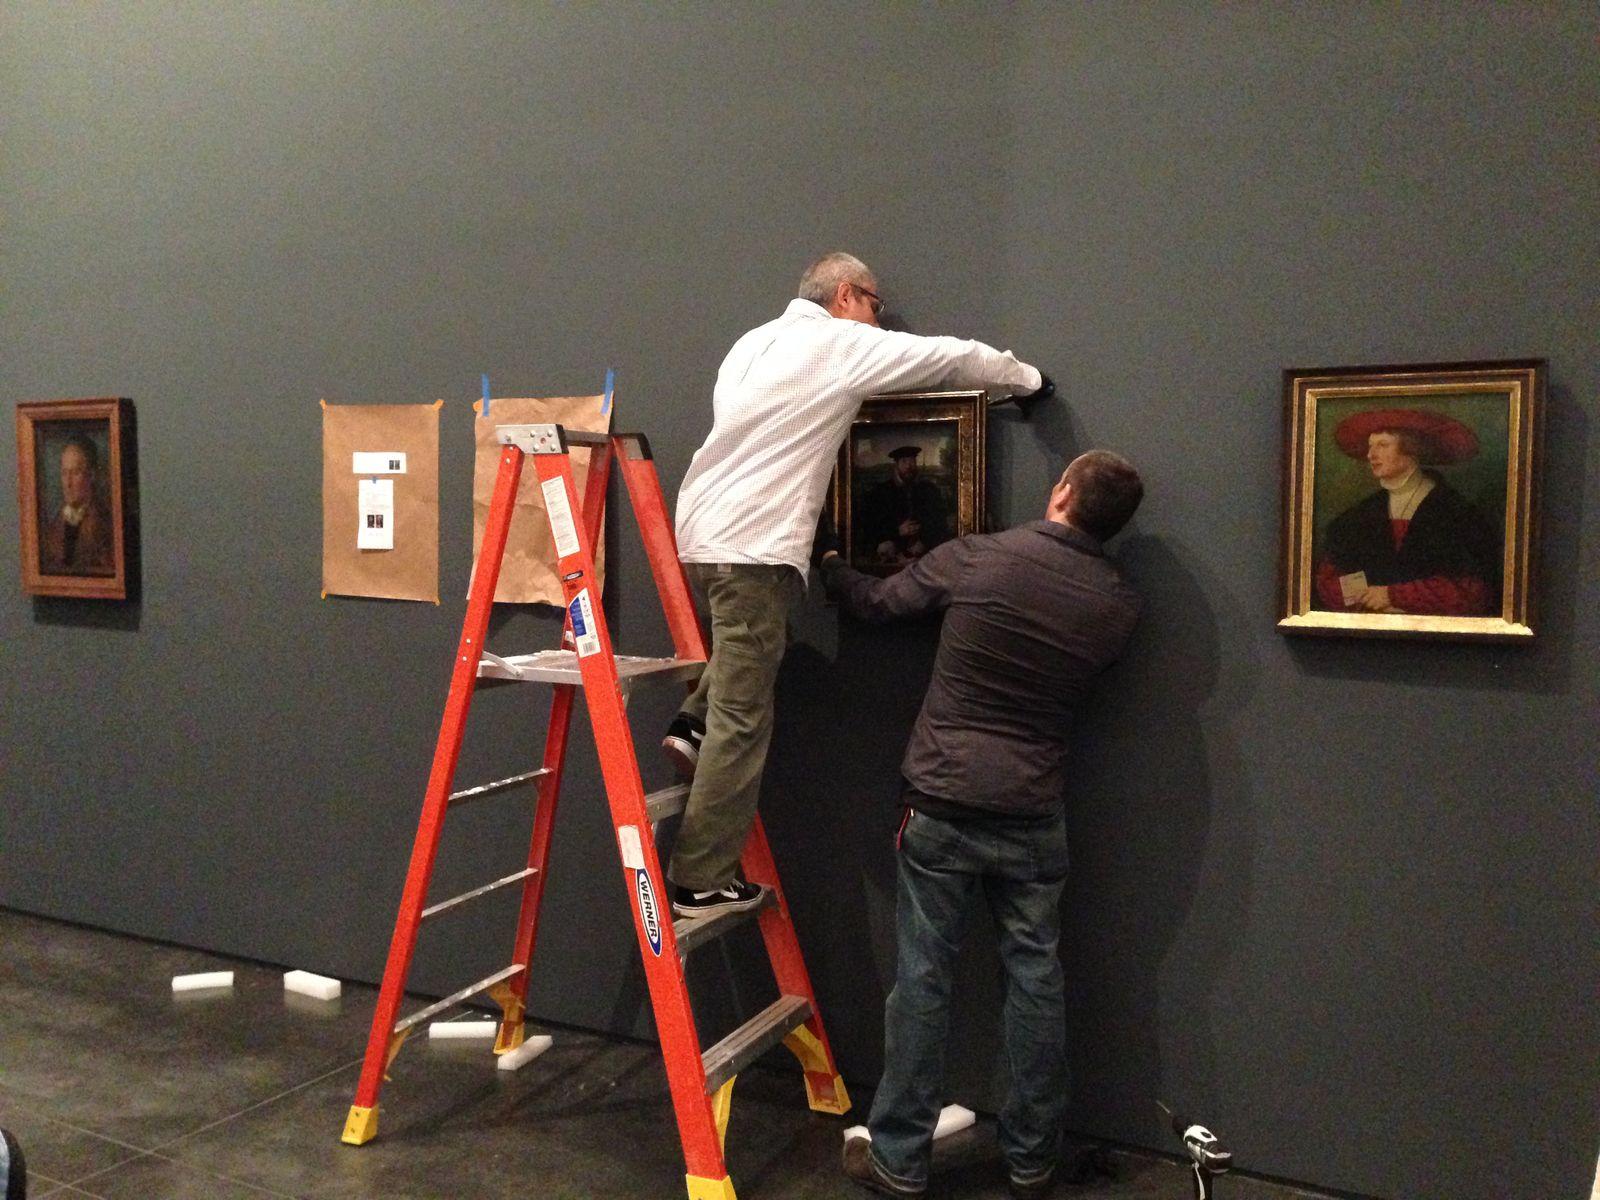 Innerhalb von zwei Tagen wurden die Bilder aus der Berliner Gemäldegalerie gehängt. Foto: Staatliche Museen zu Berlin / Maria Zielke